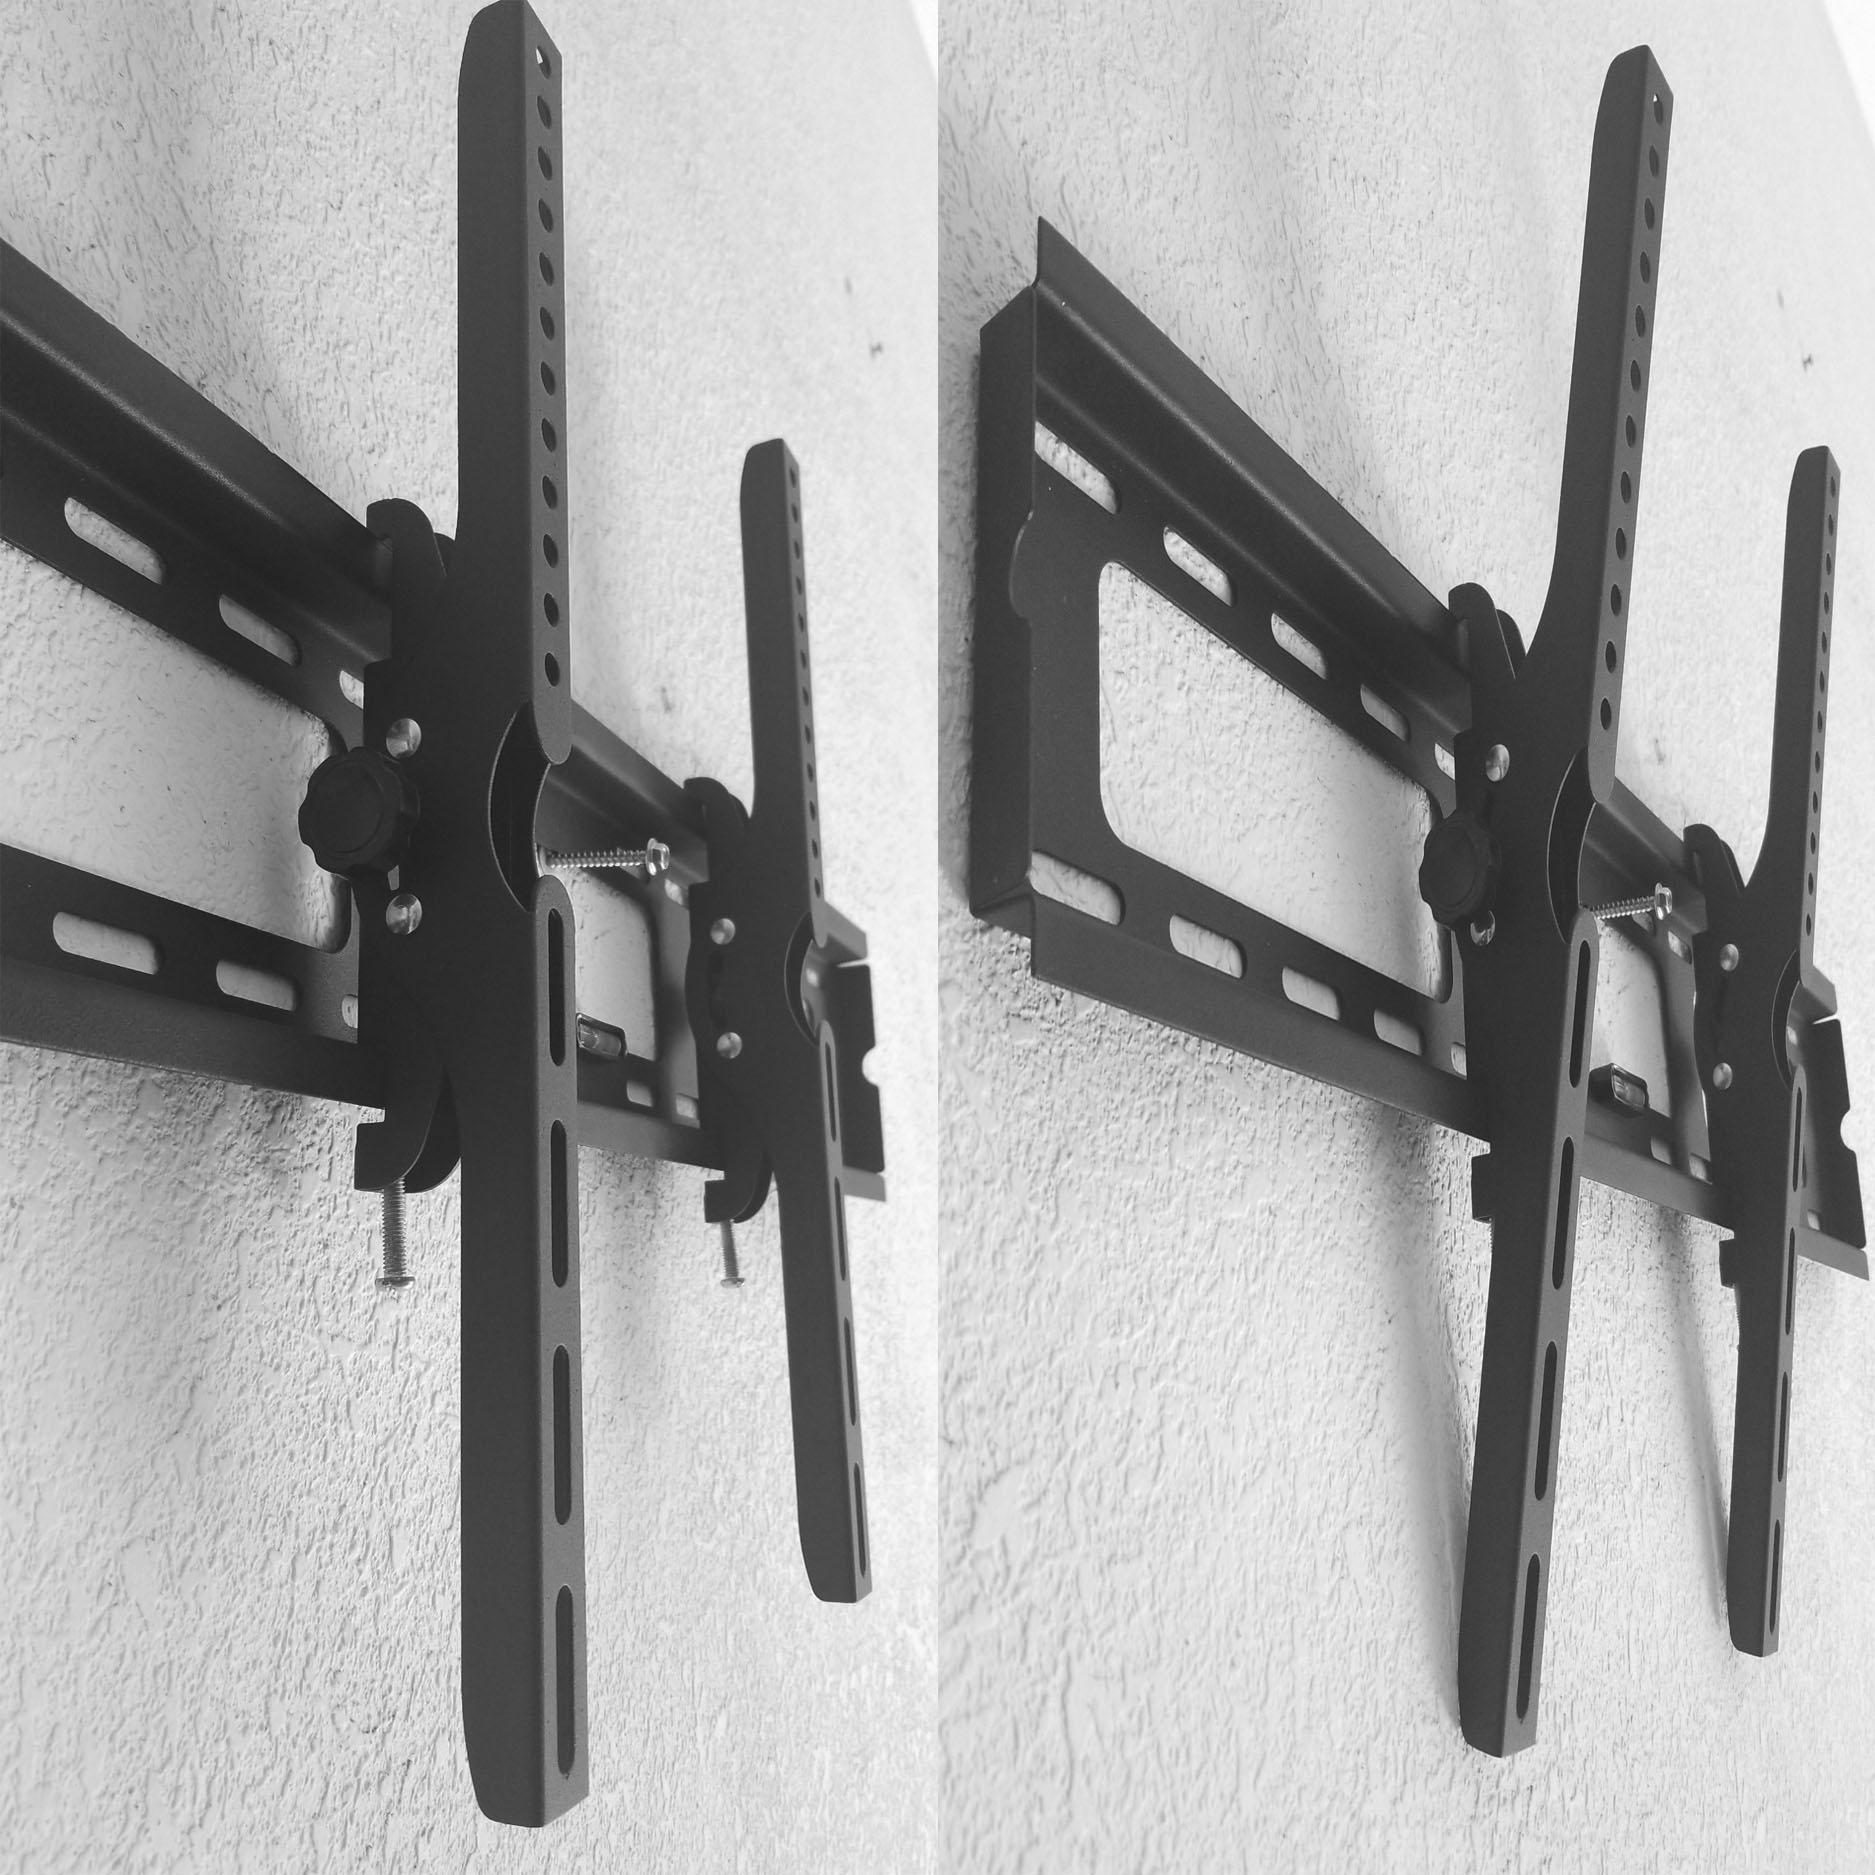 Khung Treo Tivi Cố Định-Nghiêng 2 in1 Cao Cấp cho tivi từ 40-80 inchs